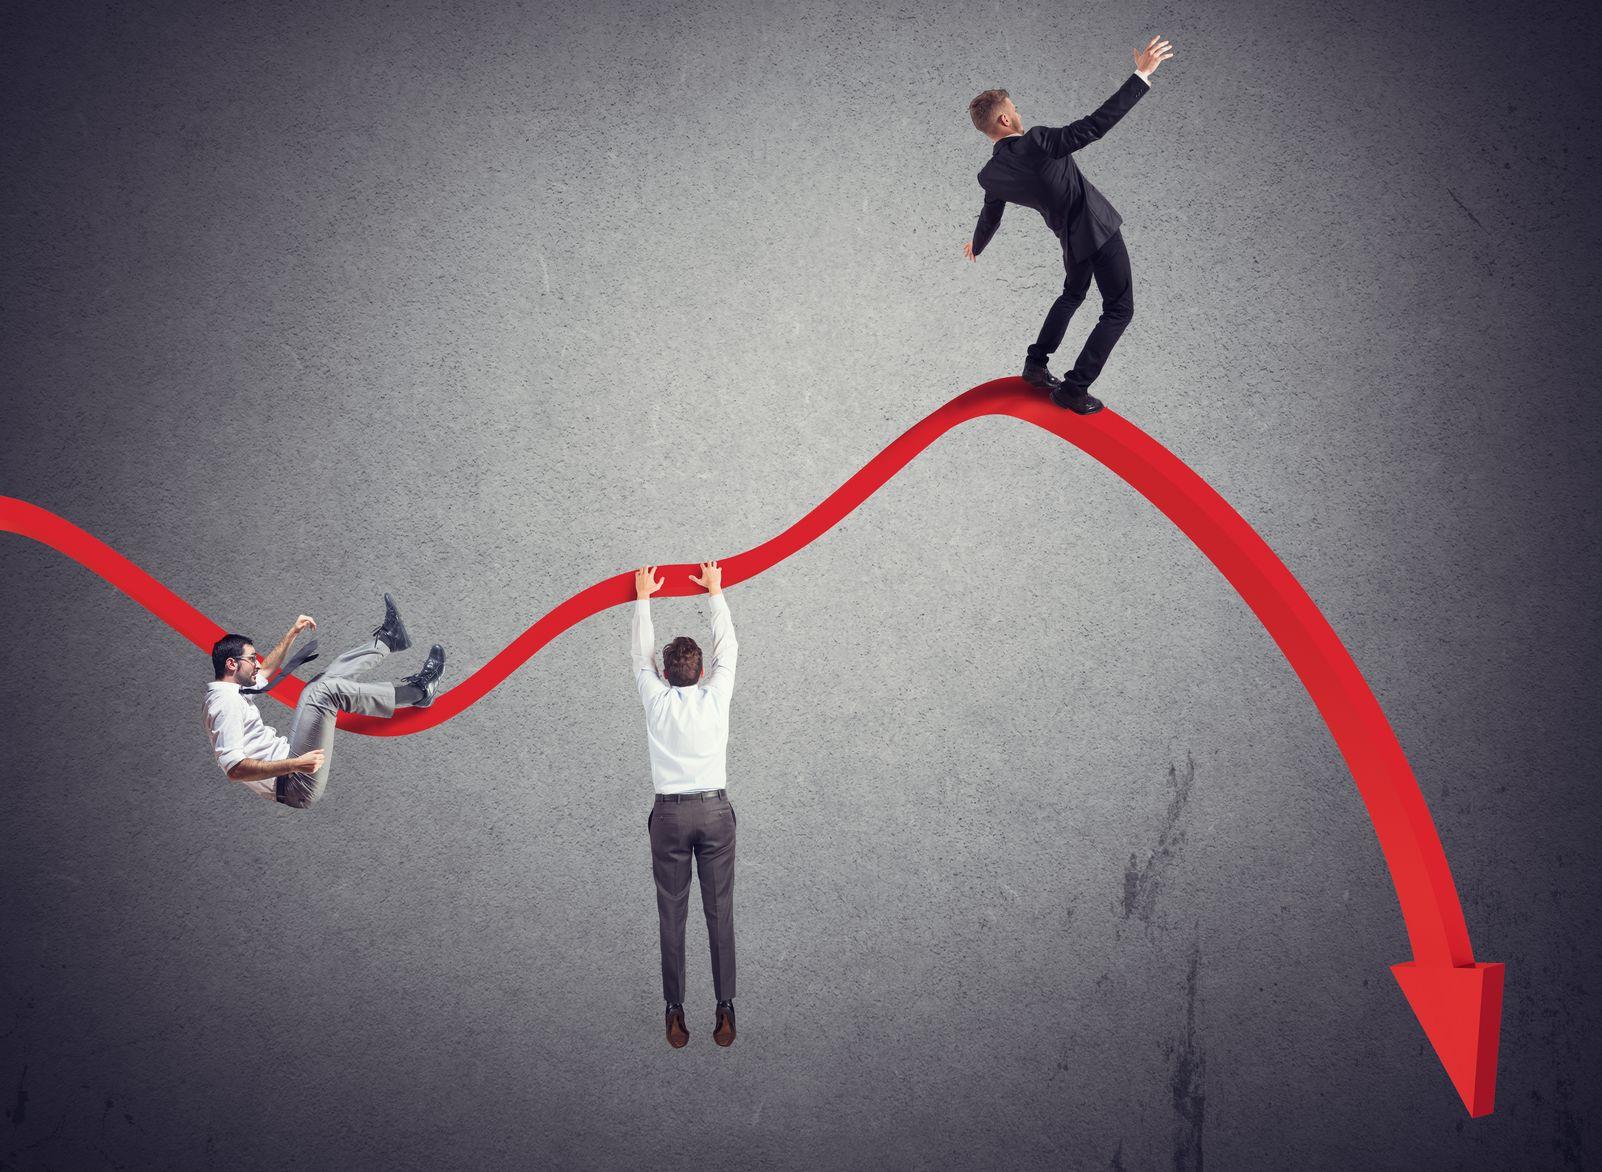 上证综指跌破半年线收跌1.17% 创业板指收跌2.42%